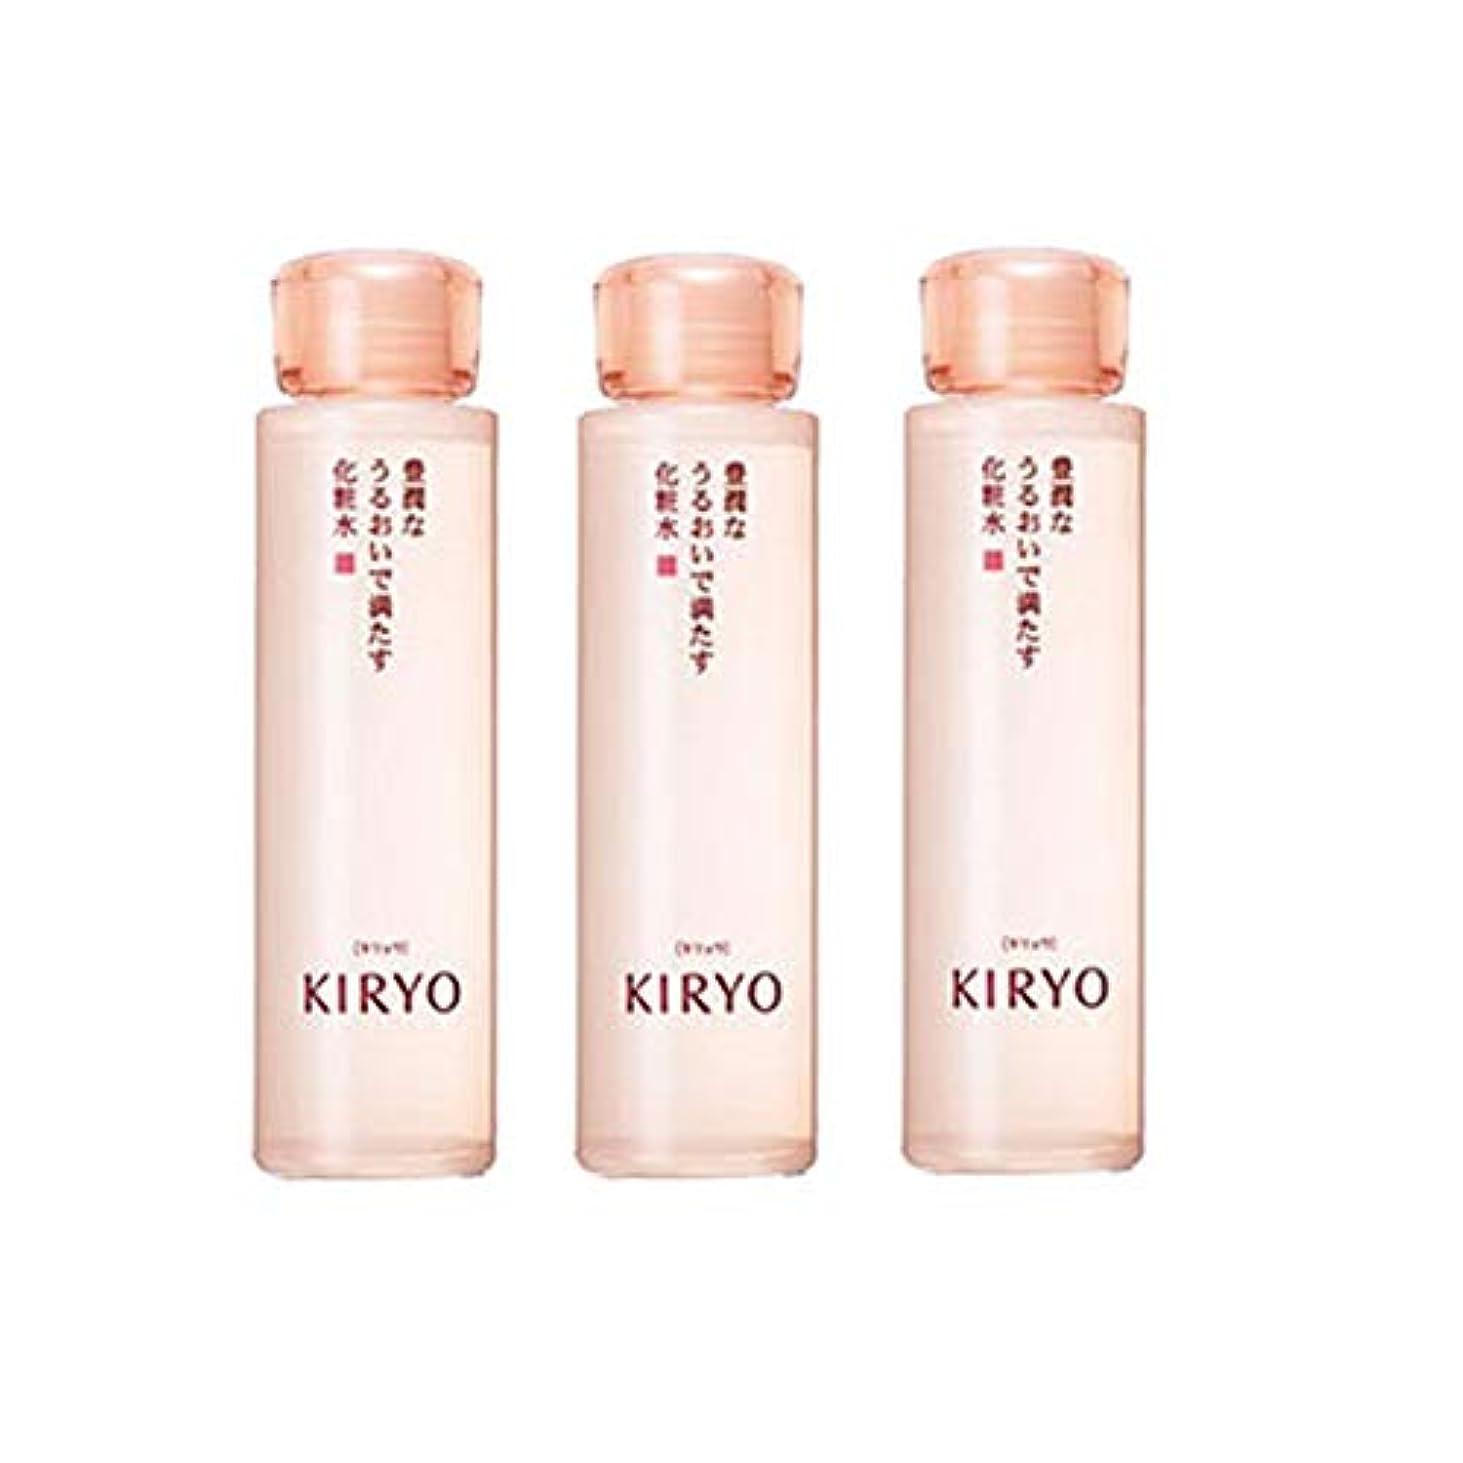 振り返る郵便複合【資生堂】KIRYO キリョウ ローション II (しっとり)150mL ×3個セット【International shipping available】